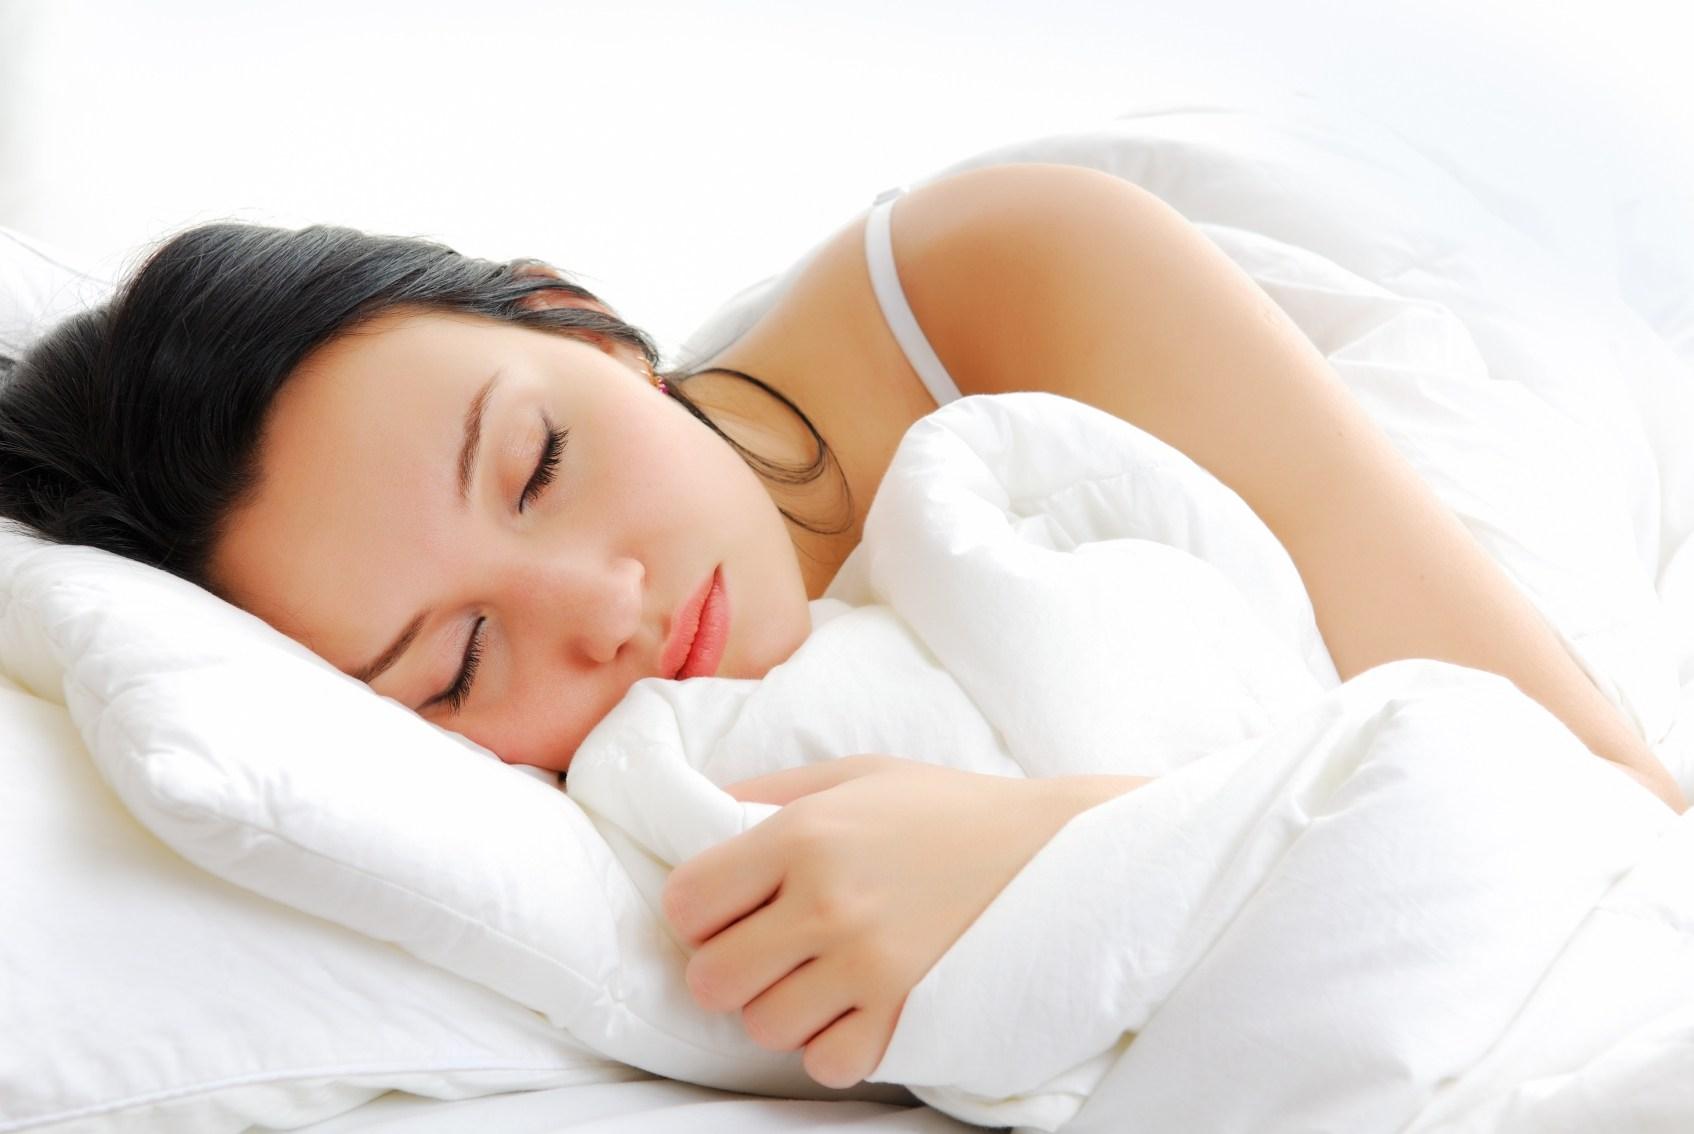 بالصور صور عن النوم , مميزات النوم واهميته 1908 4